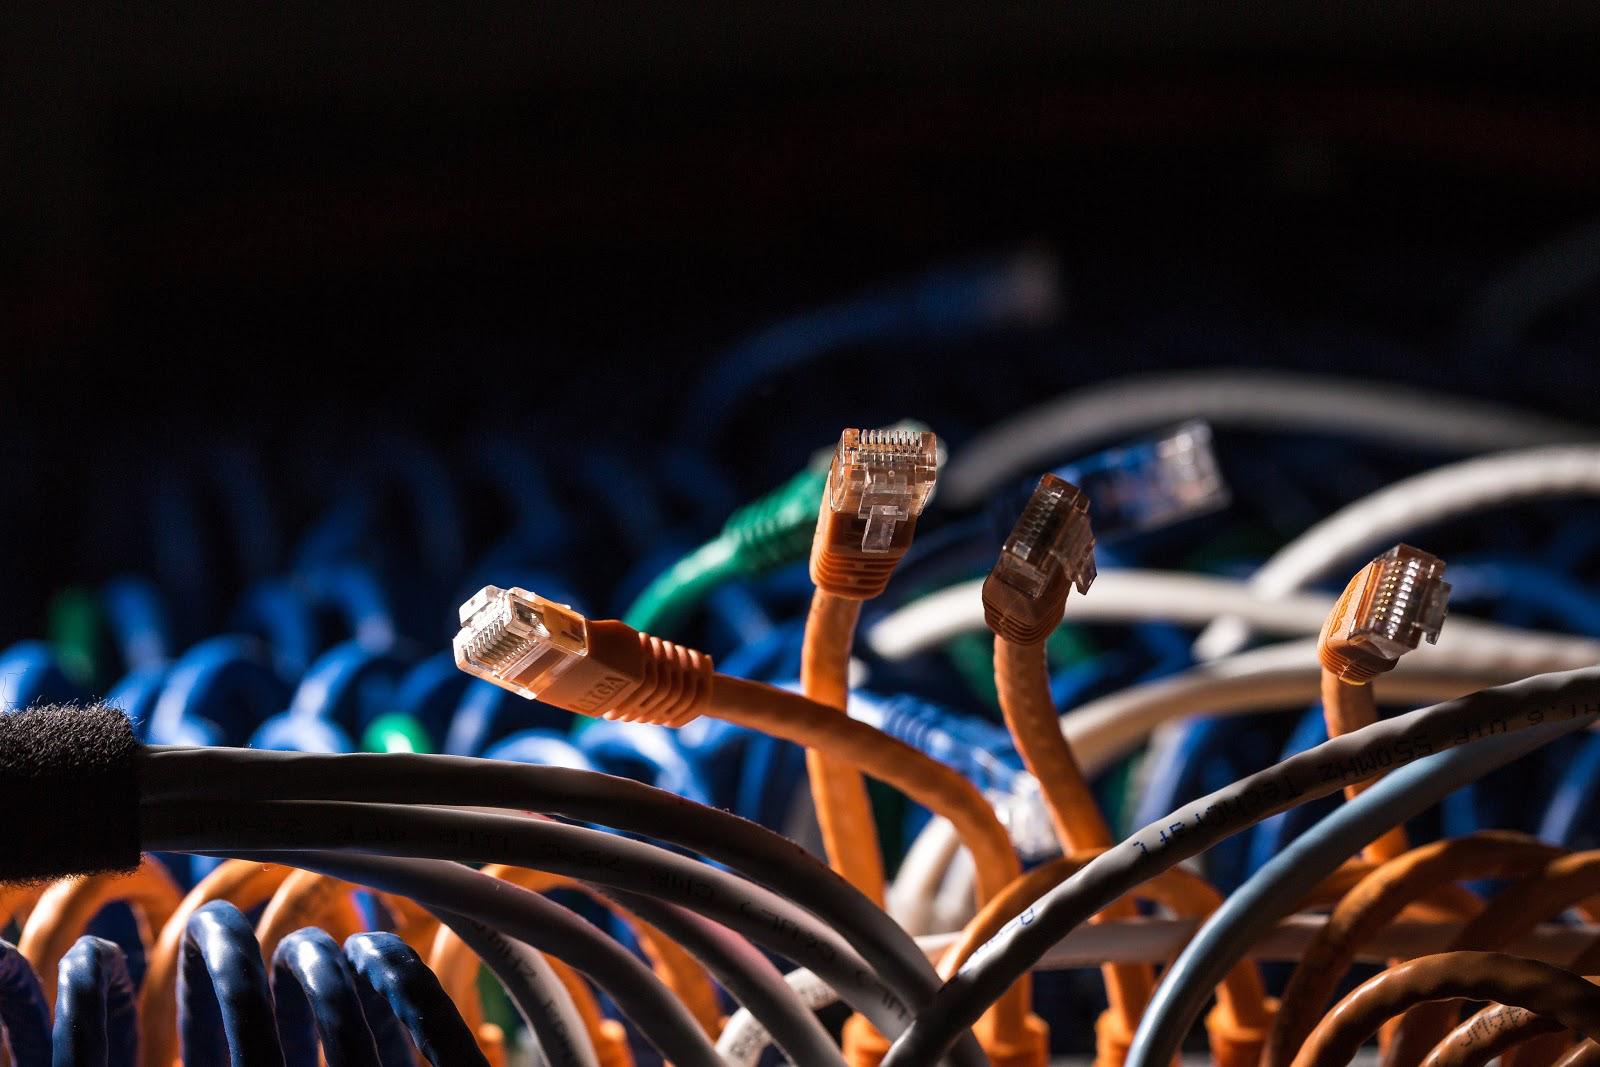 ethernet-patch-cables-rj45-connectors